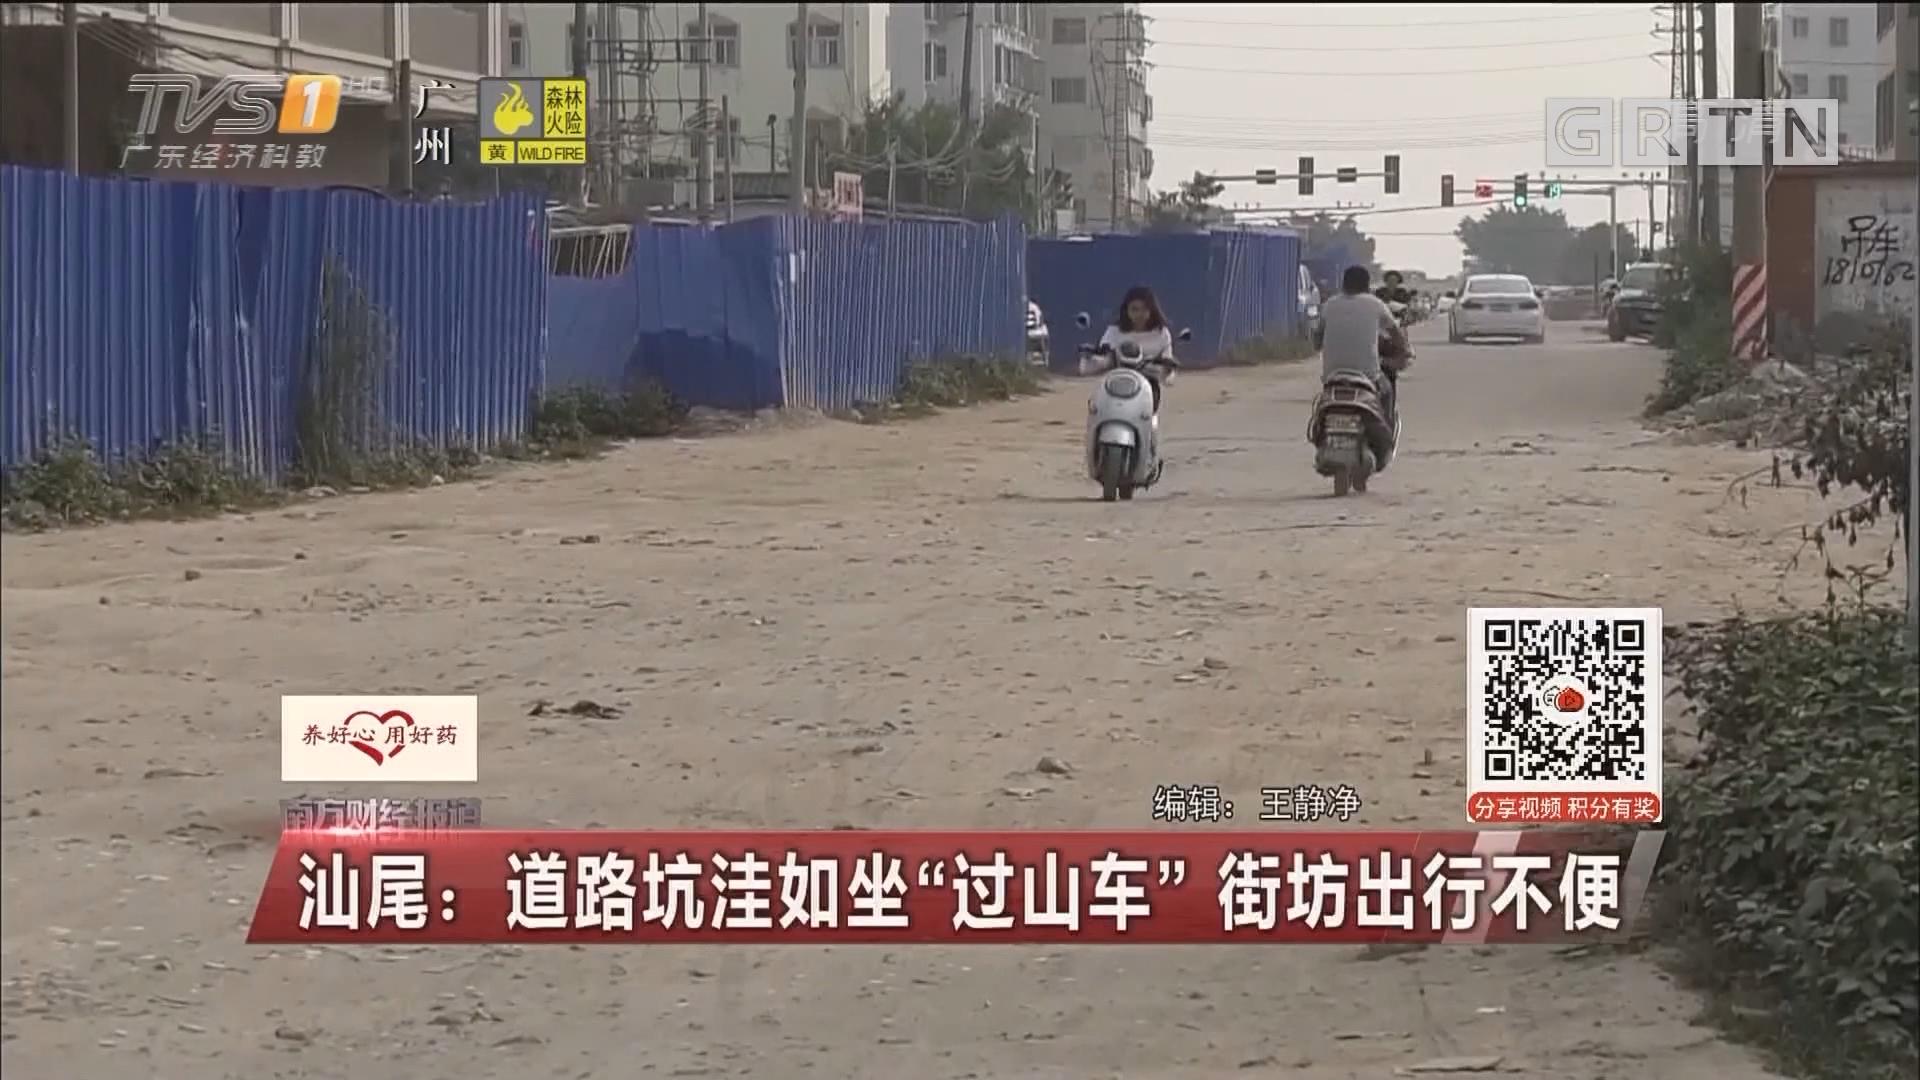 """汕尾:道路坑洼如坐""""过山车"""" 街坊出行不便"""